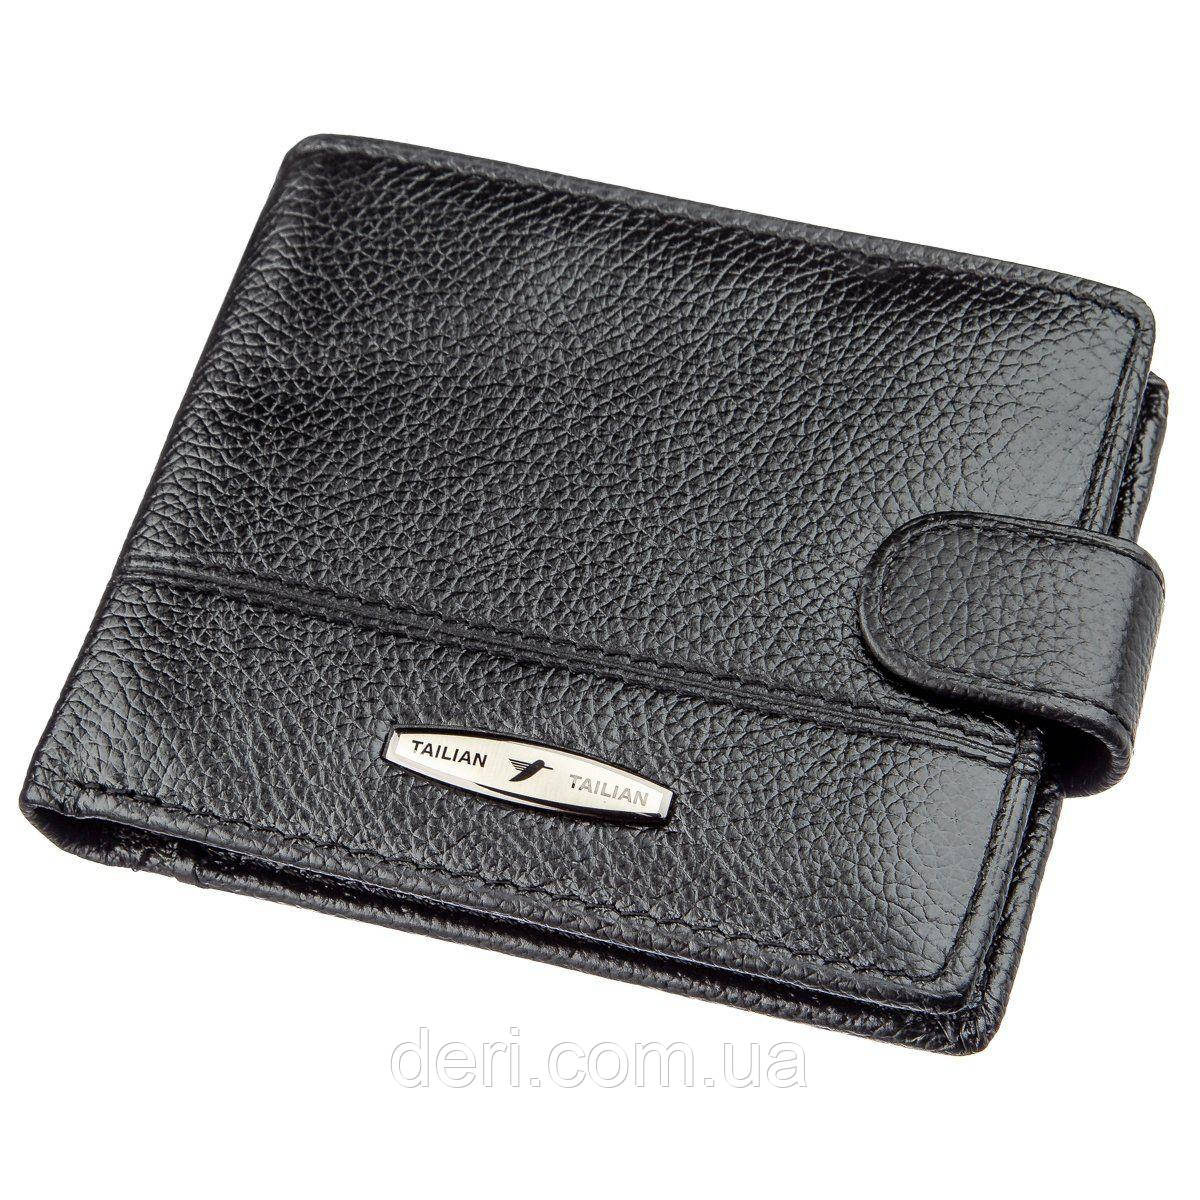 Стильный портмоне мужской флотар кожаный черный TAILIAN